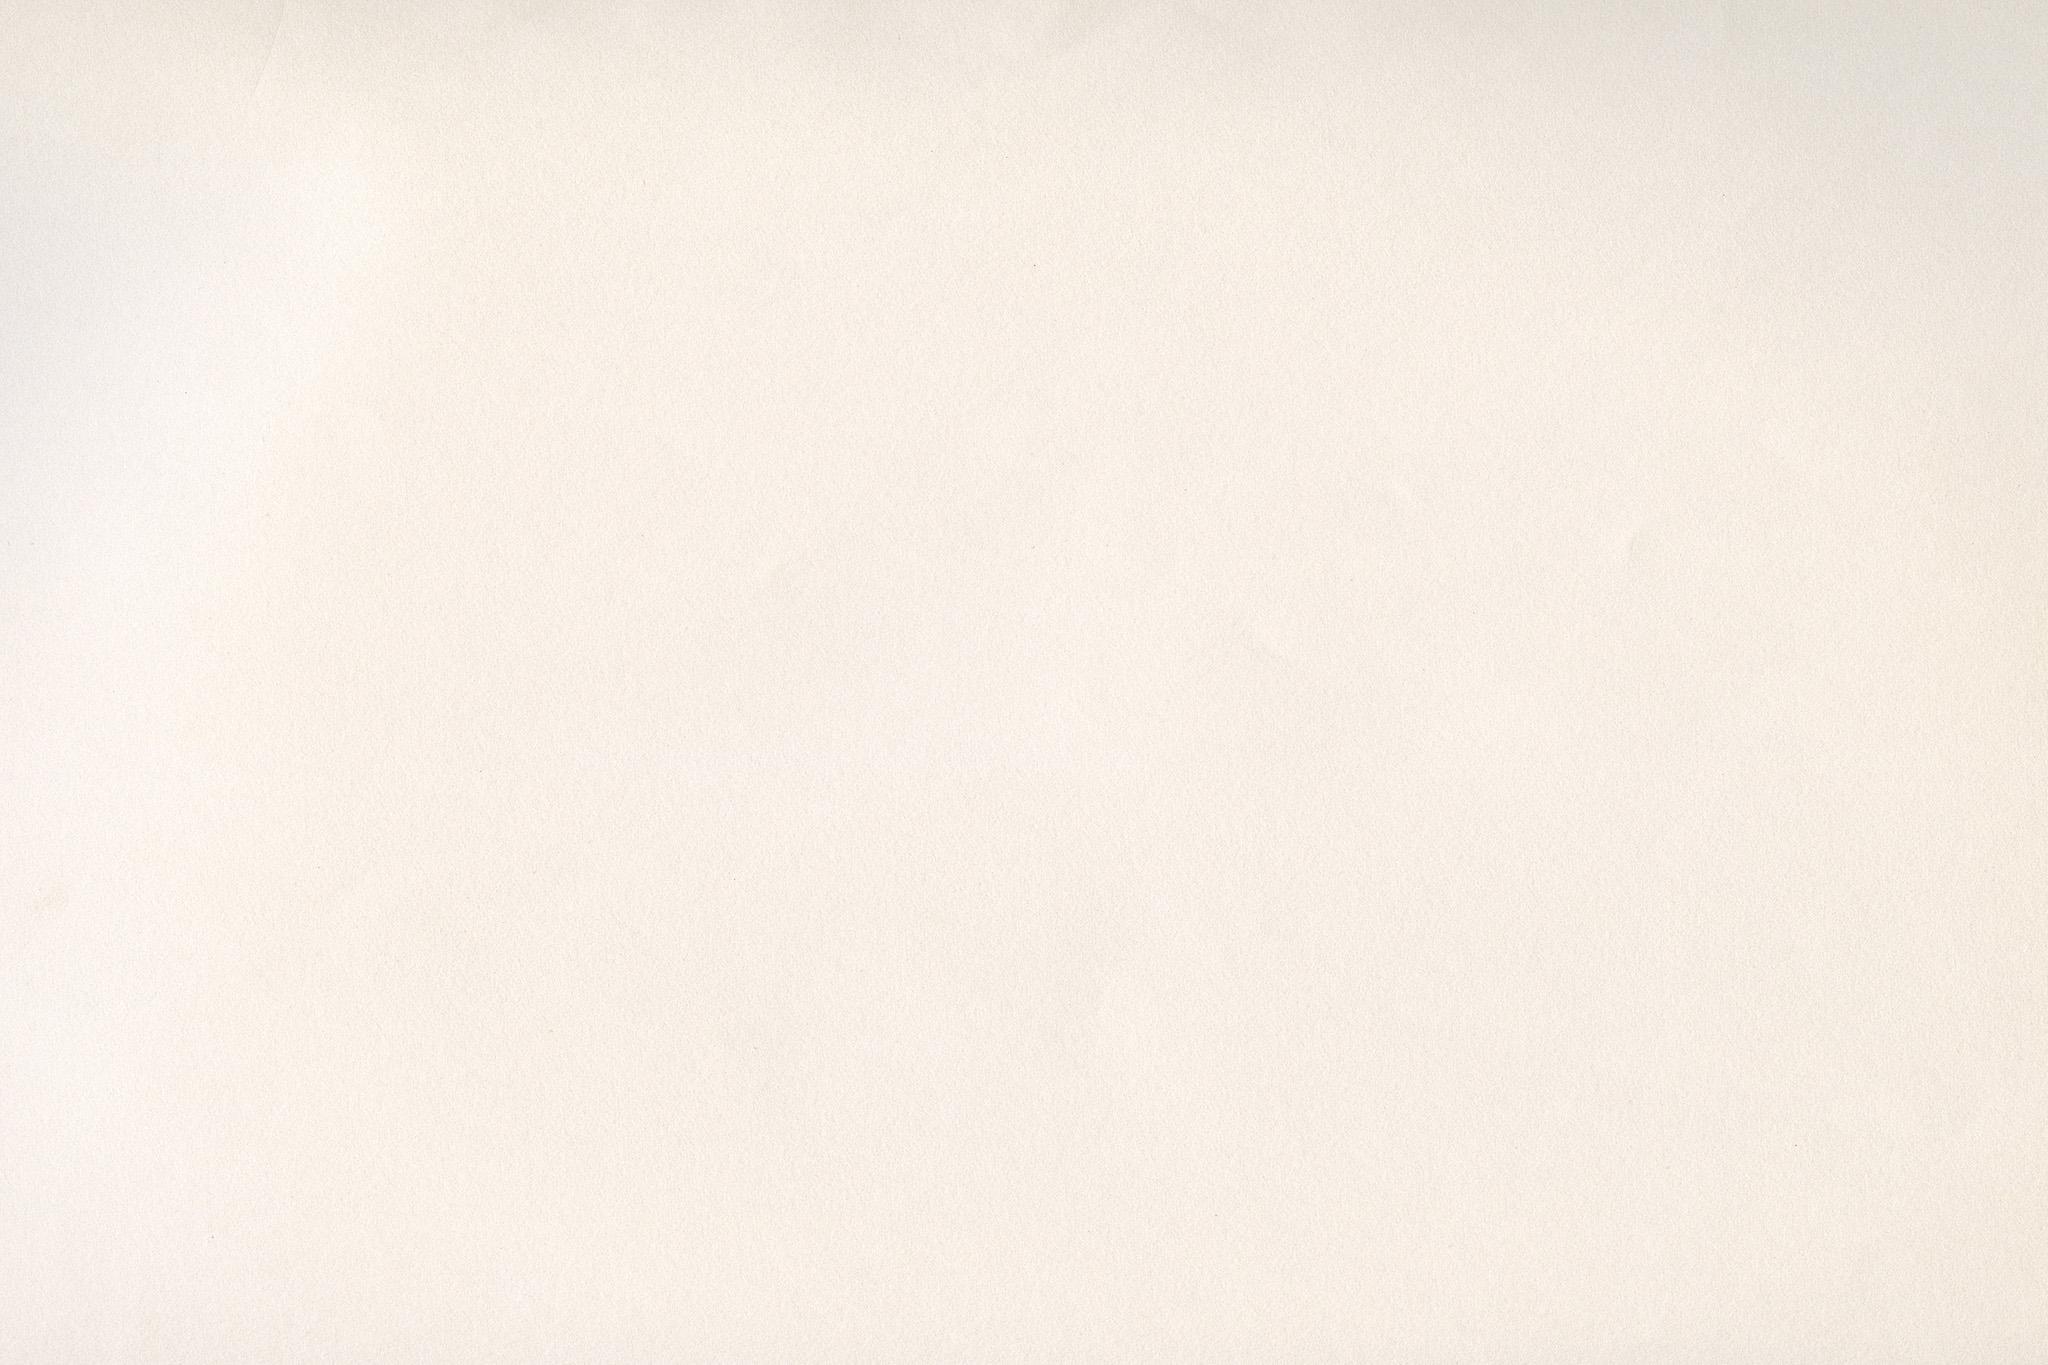 「生成り色の薄い紙」の画像を無料ダウンロード